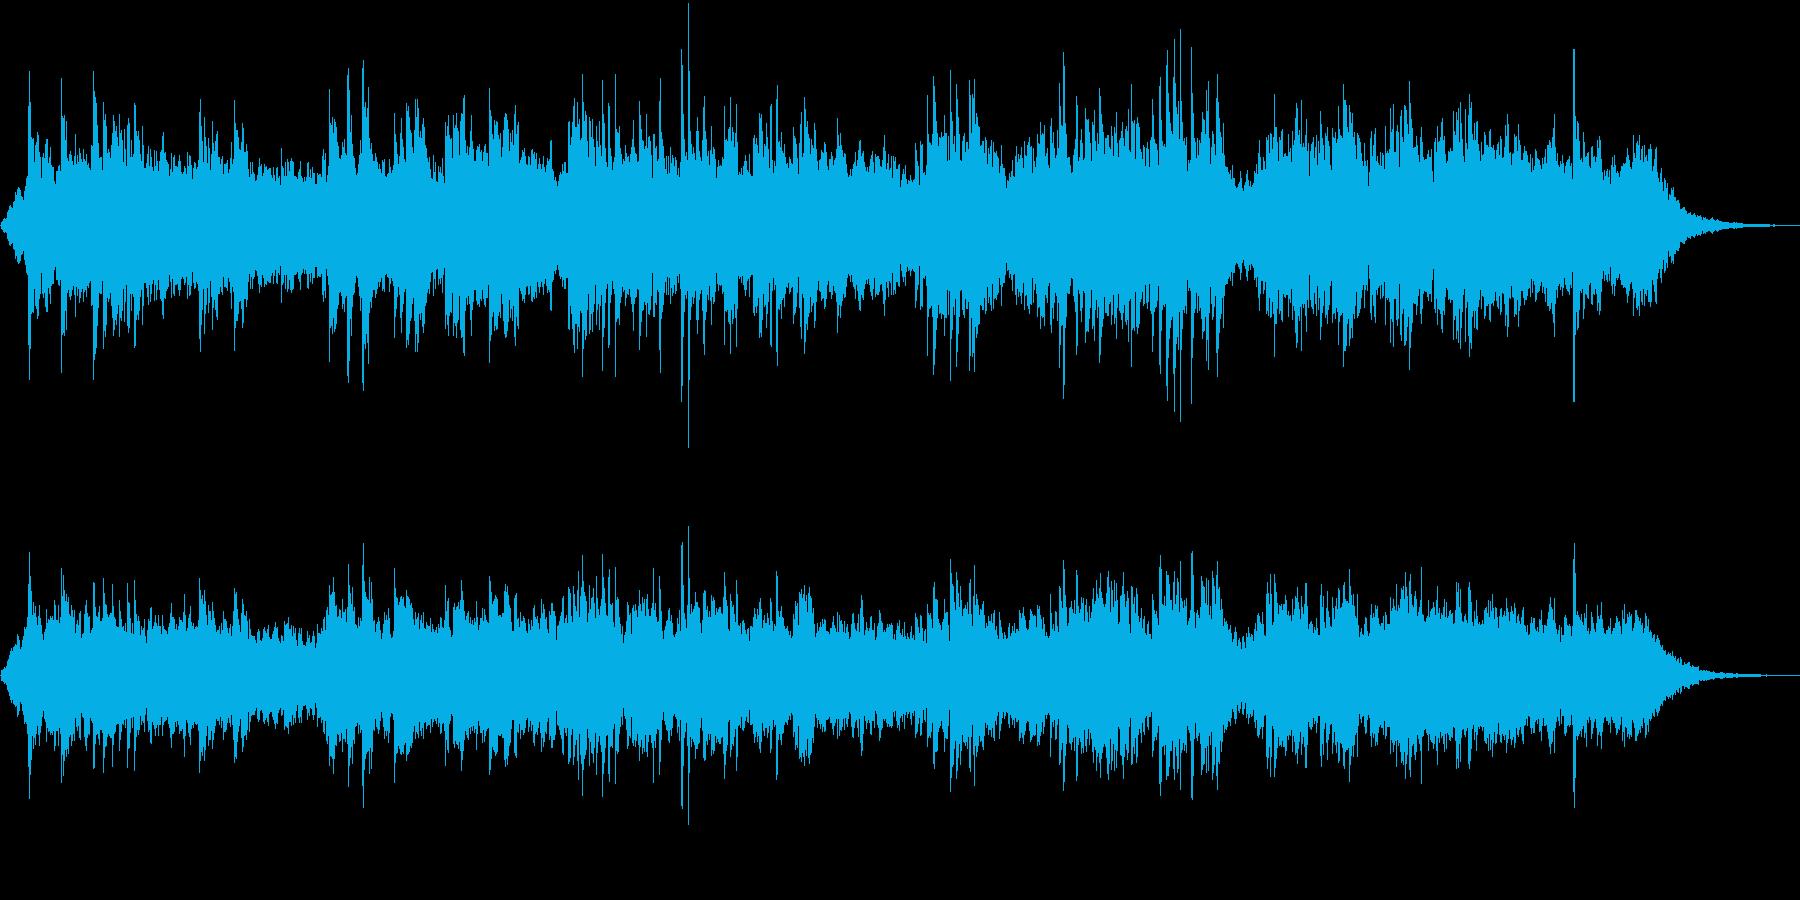 エレガットギターがメインのバラードの再生済みの波形